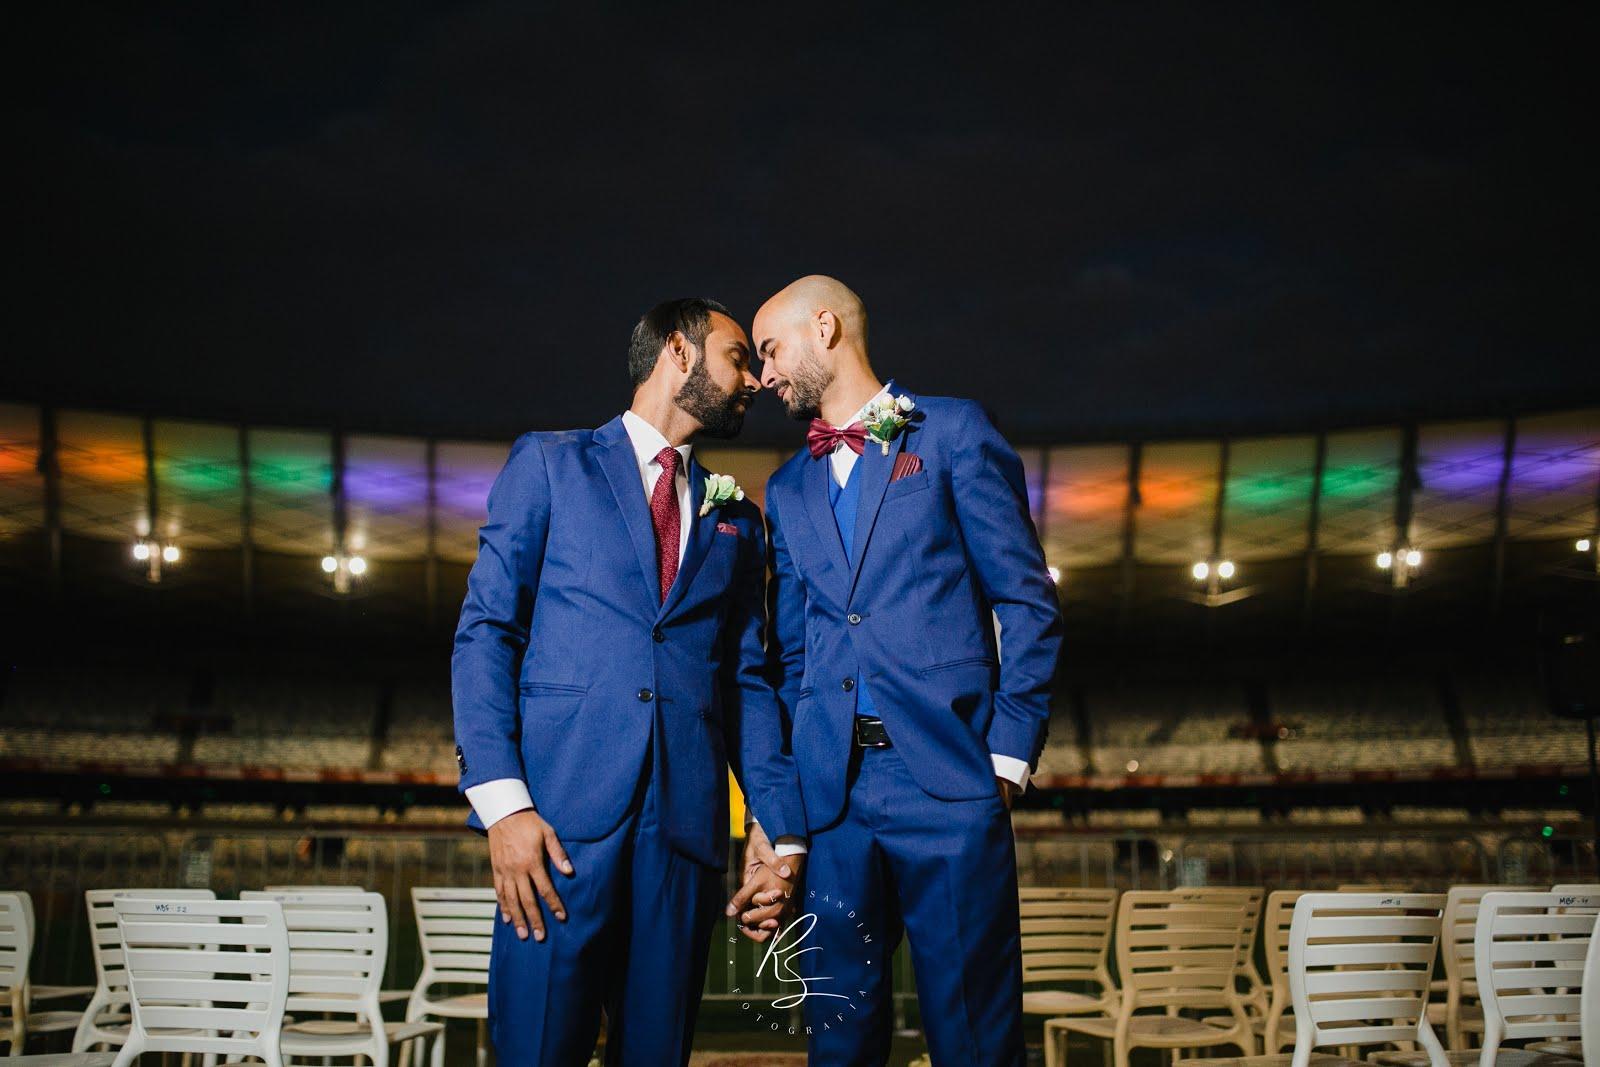 Assista o vídeo sobre o Casamento LGBT que aconteceu no Mineirão